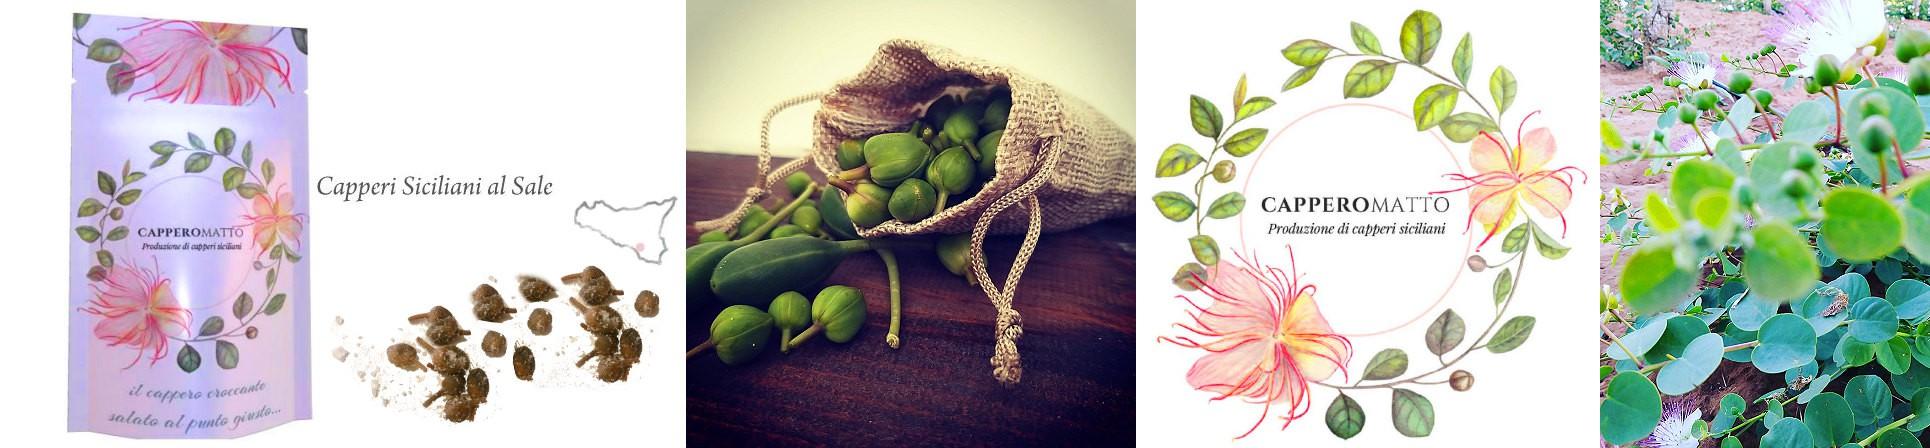 Capperi salati siciliani vendita online - CapperoMatto